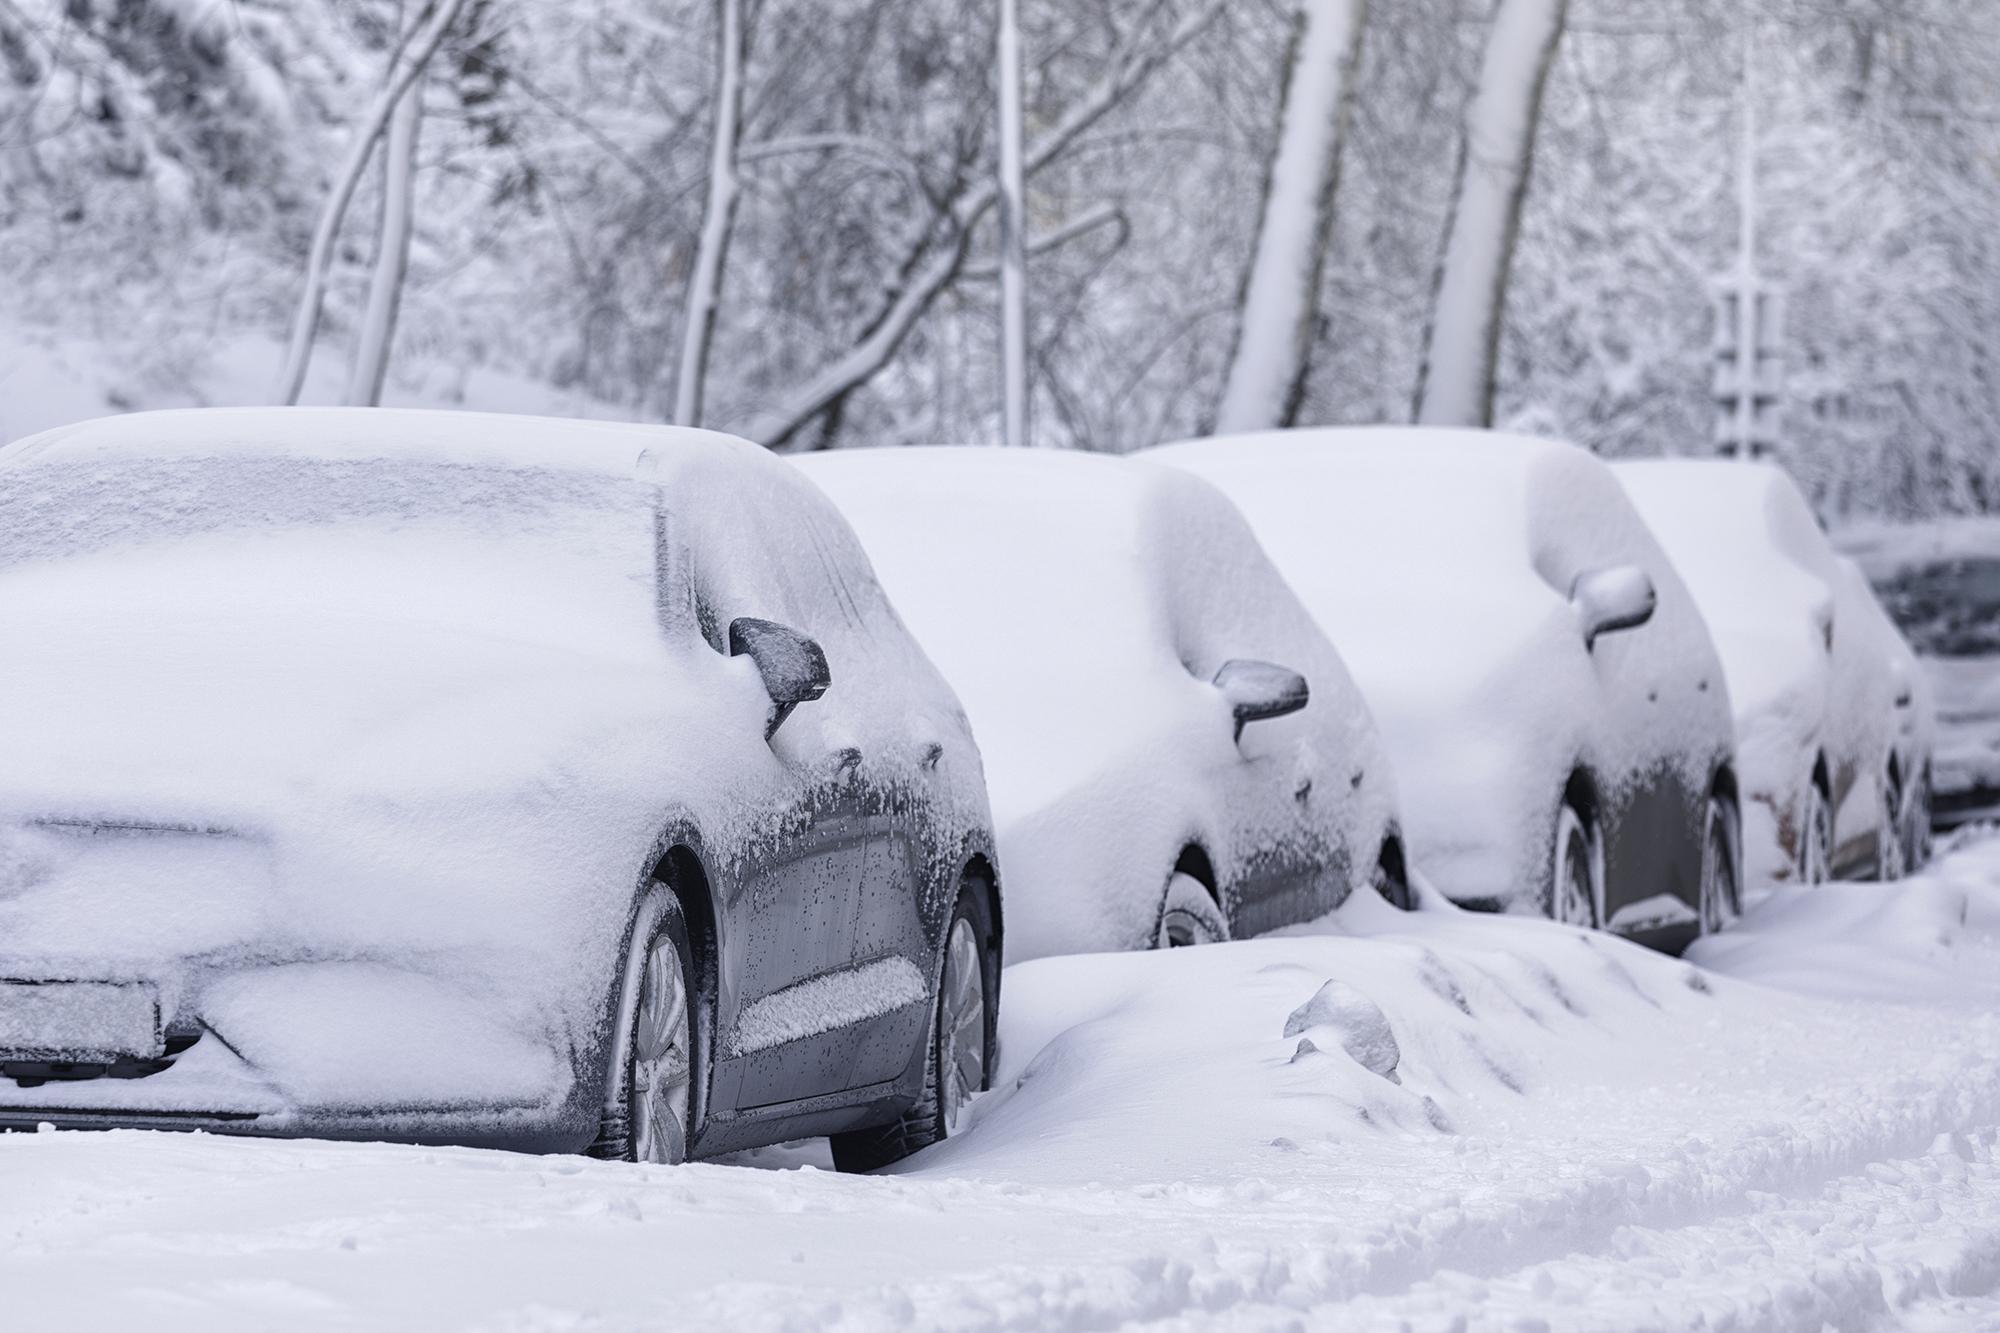 Cómo cuidar el vehículo si ha estado a la intemperie durante el temporal de frío